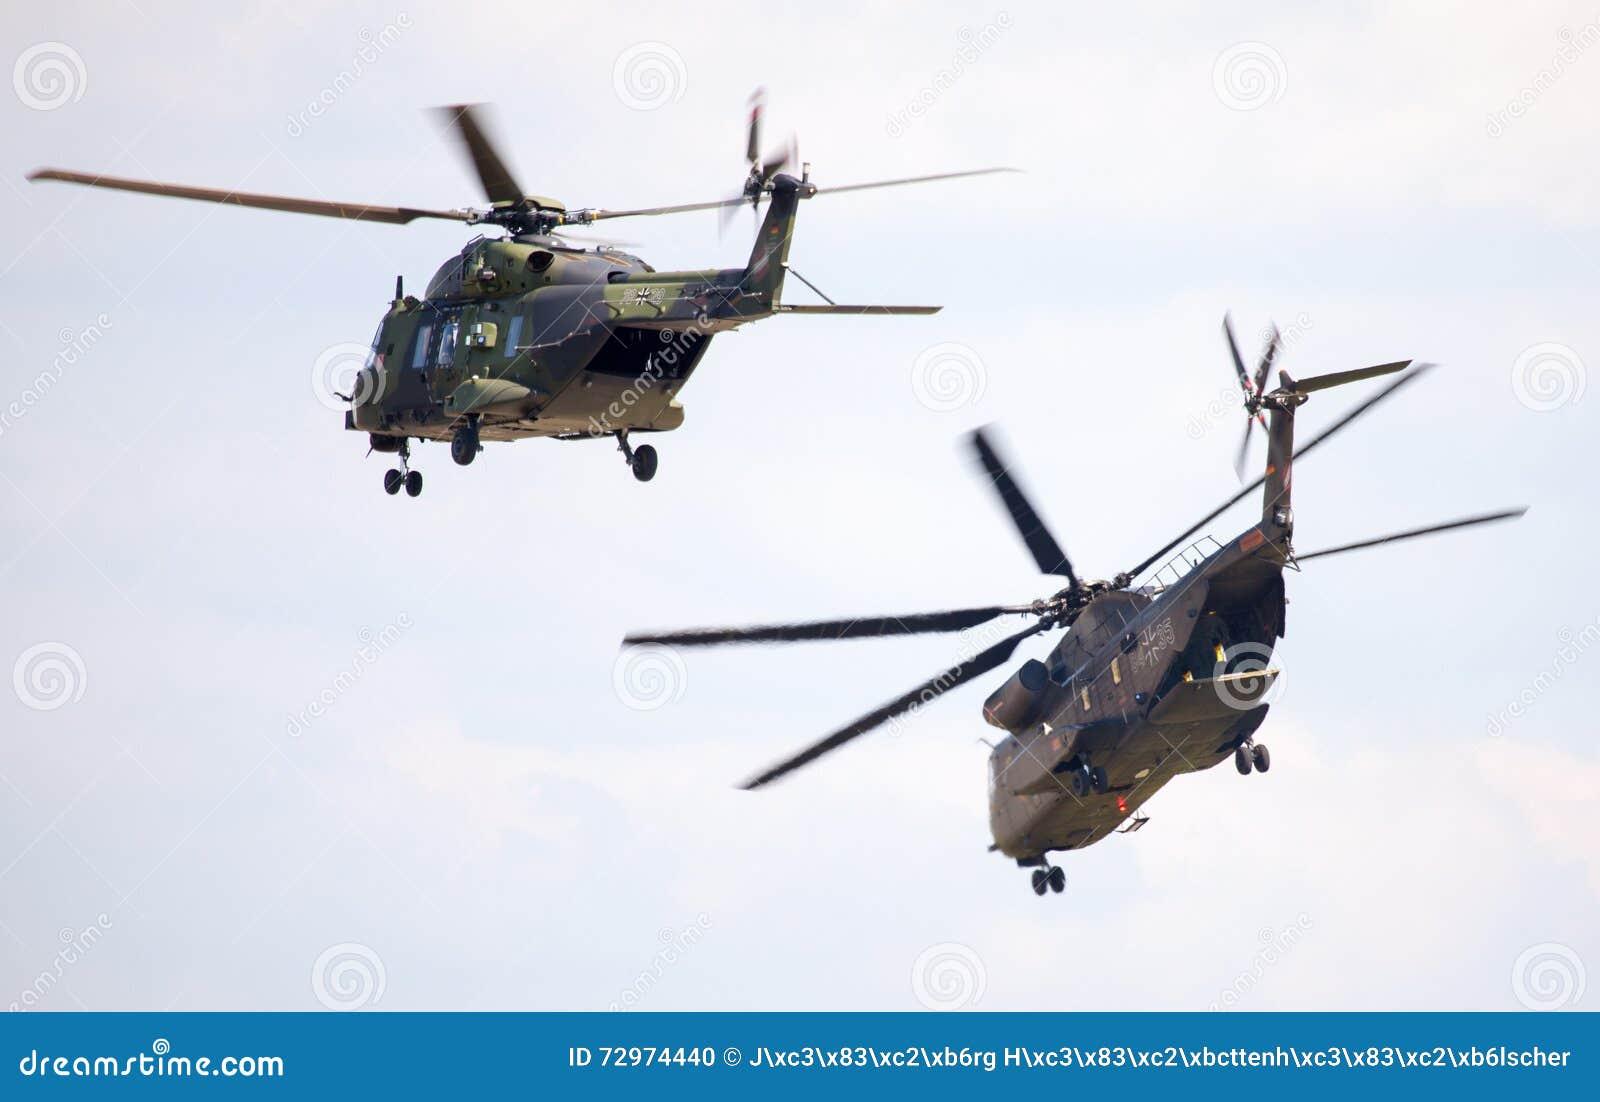 Los militares alemanes transportan los helicópteros, nh 90 y ch 53